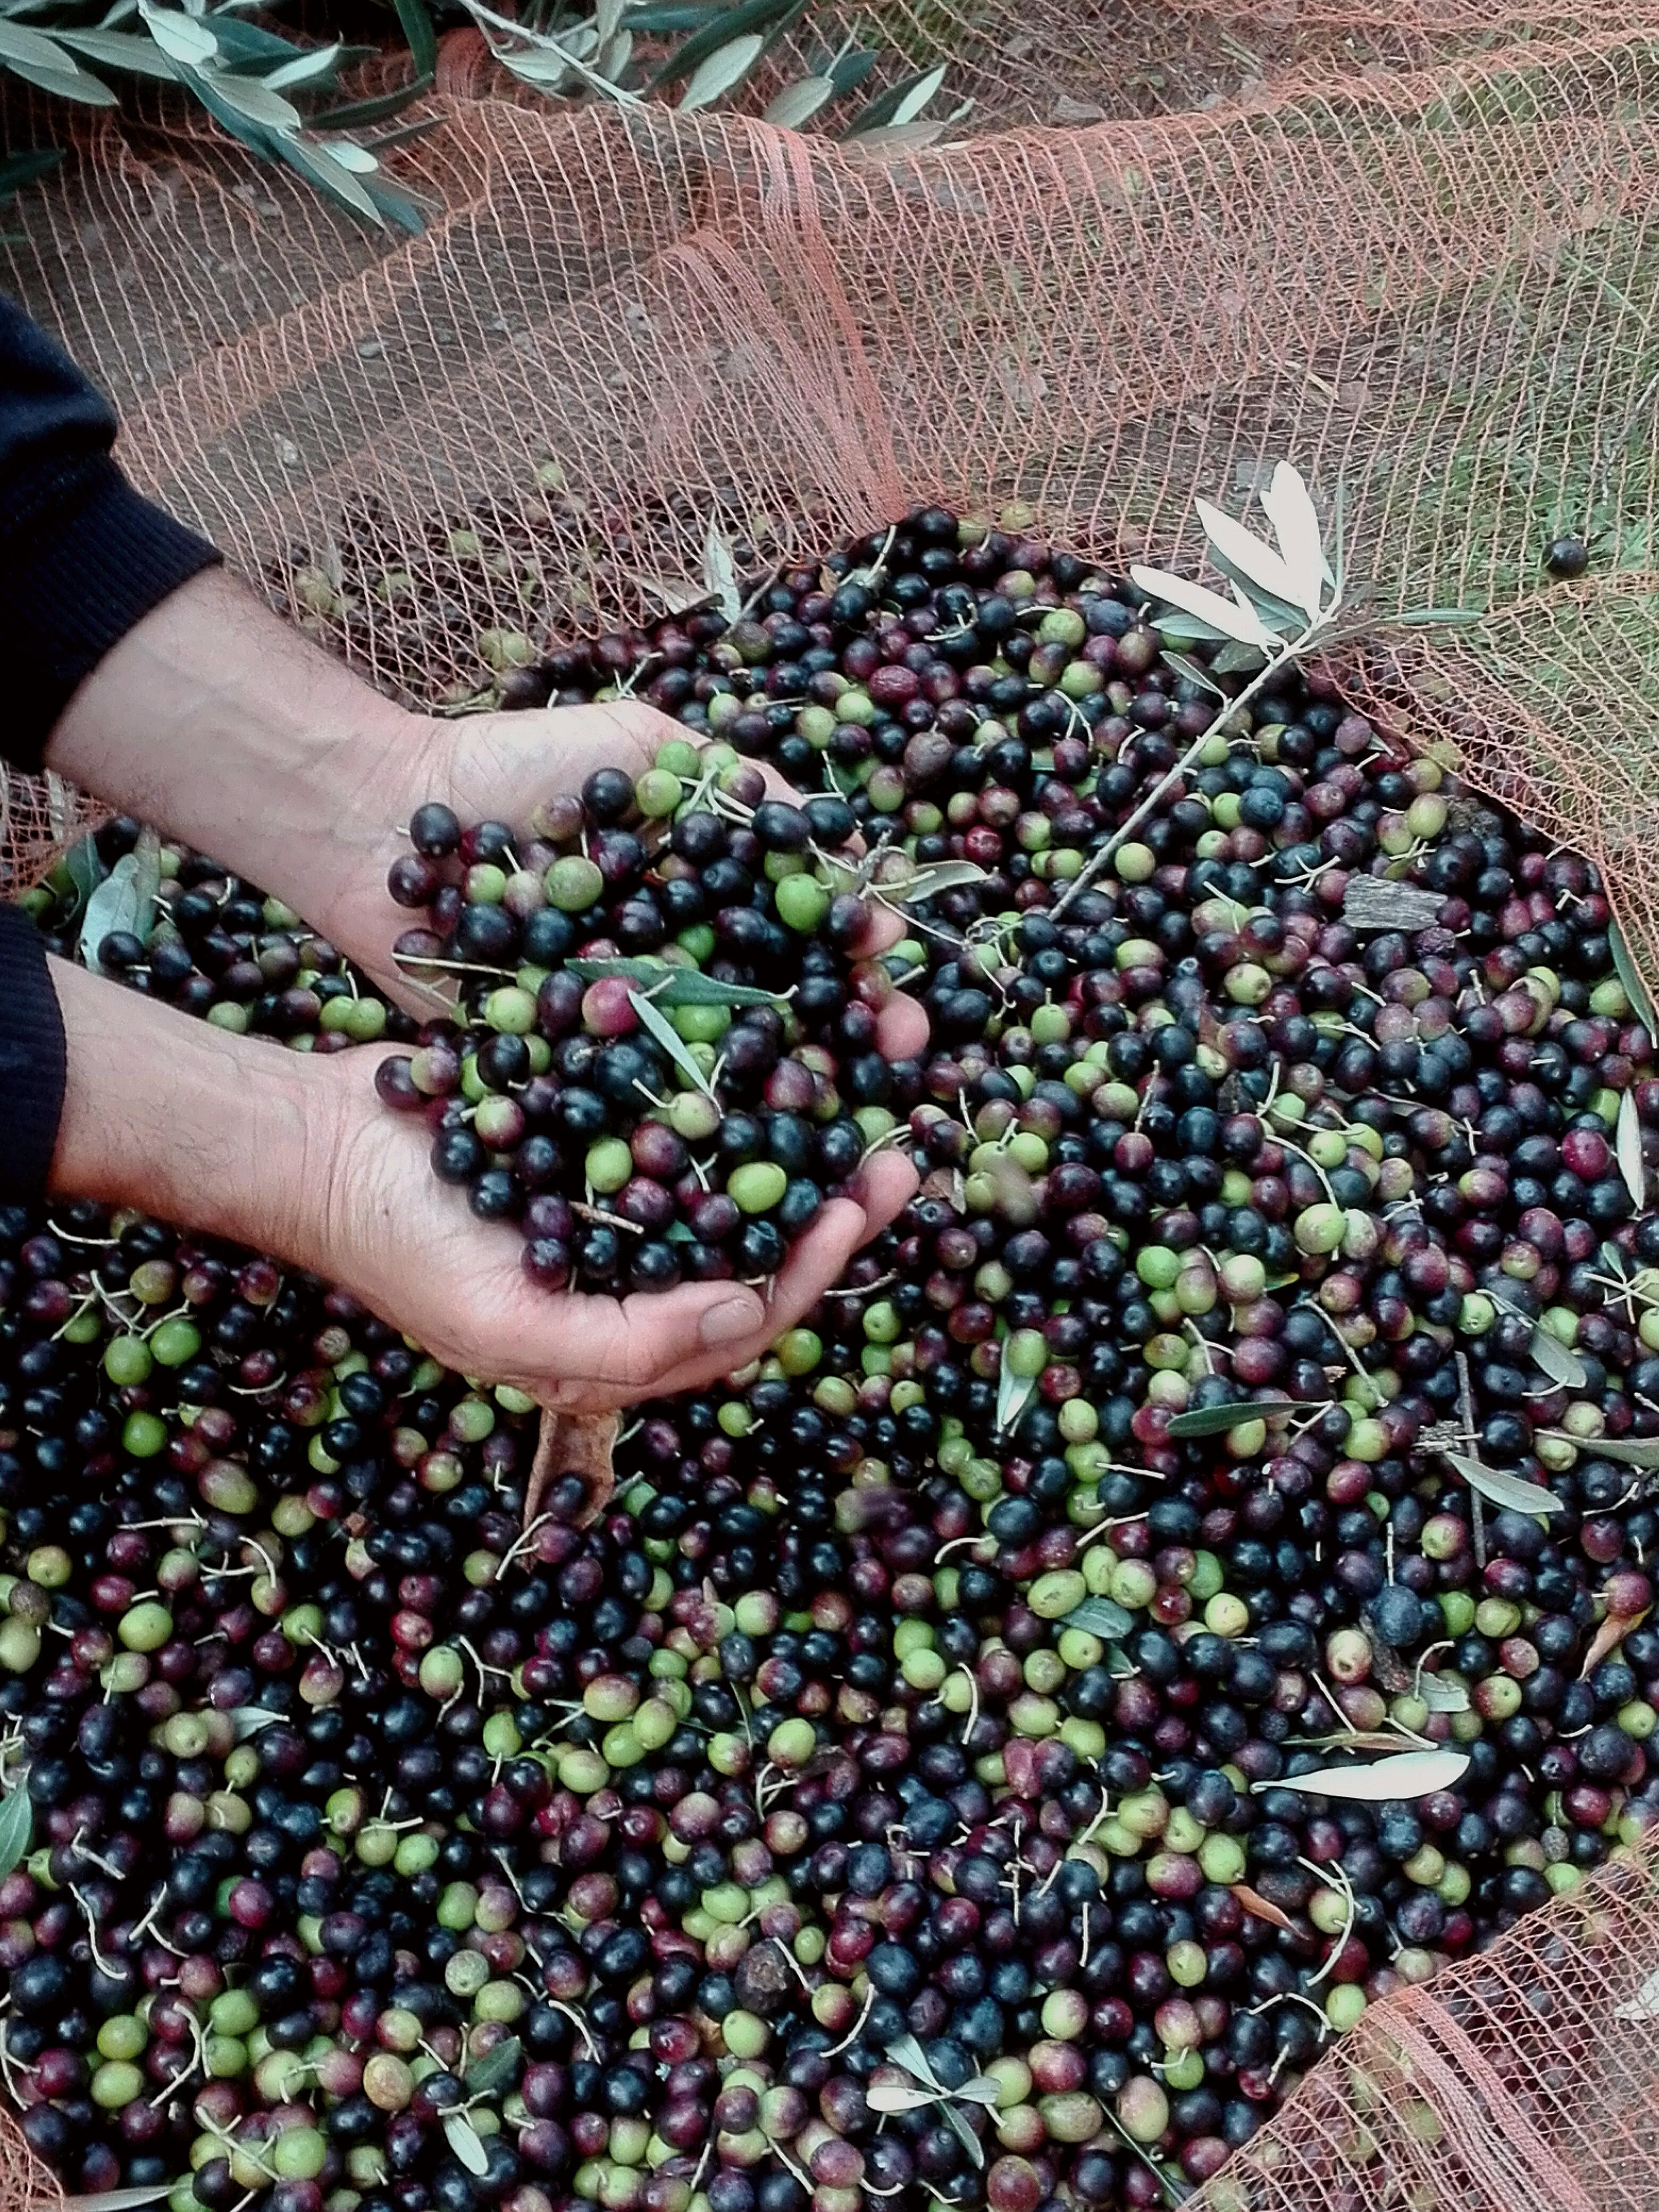 Libri e olivicoltura: aumentiamo le nostre competenze